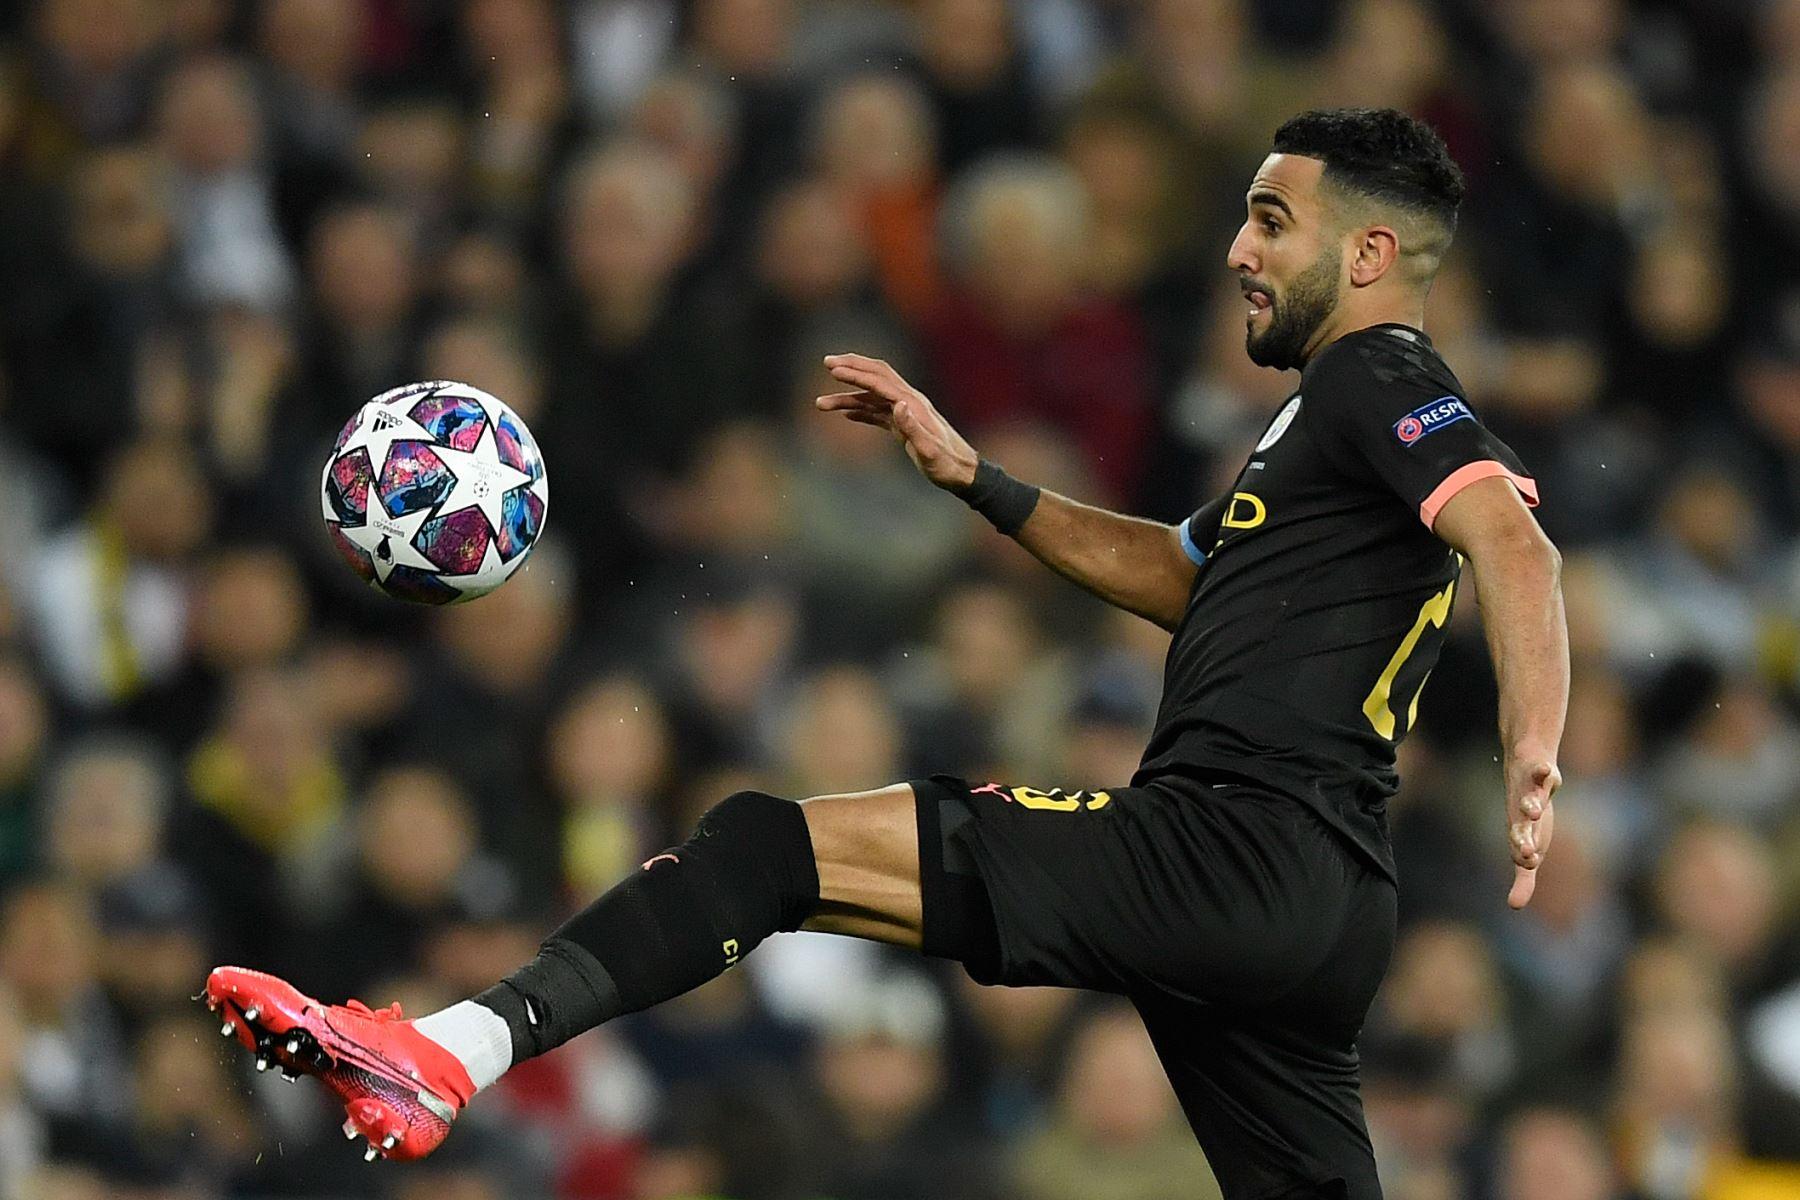 El centrocampista argelino del Manchester City, Riyad Mahrez, controla el balón durante los octavos de final de la UEFA Champions League entre el Real Madrid CF y el Manchester City. Foto: AFP